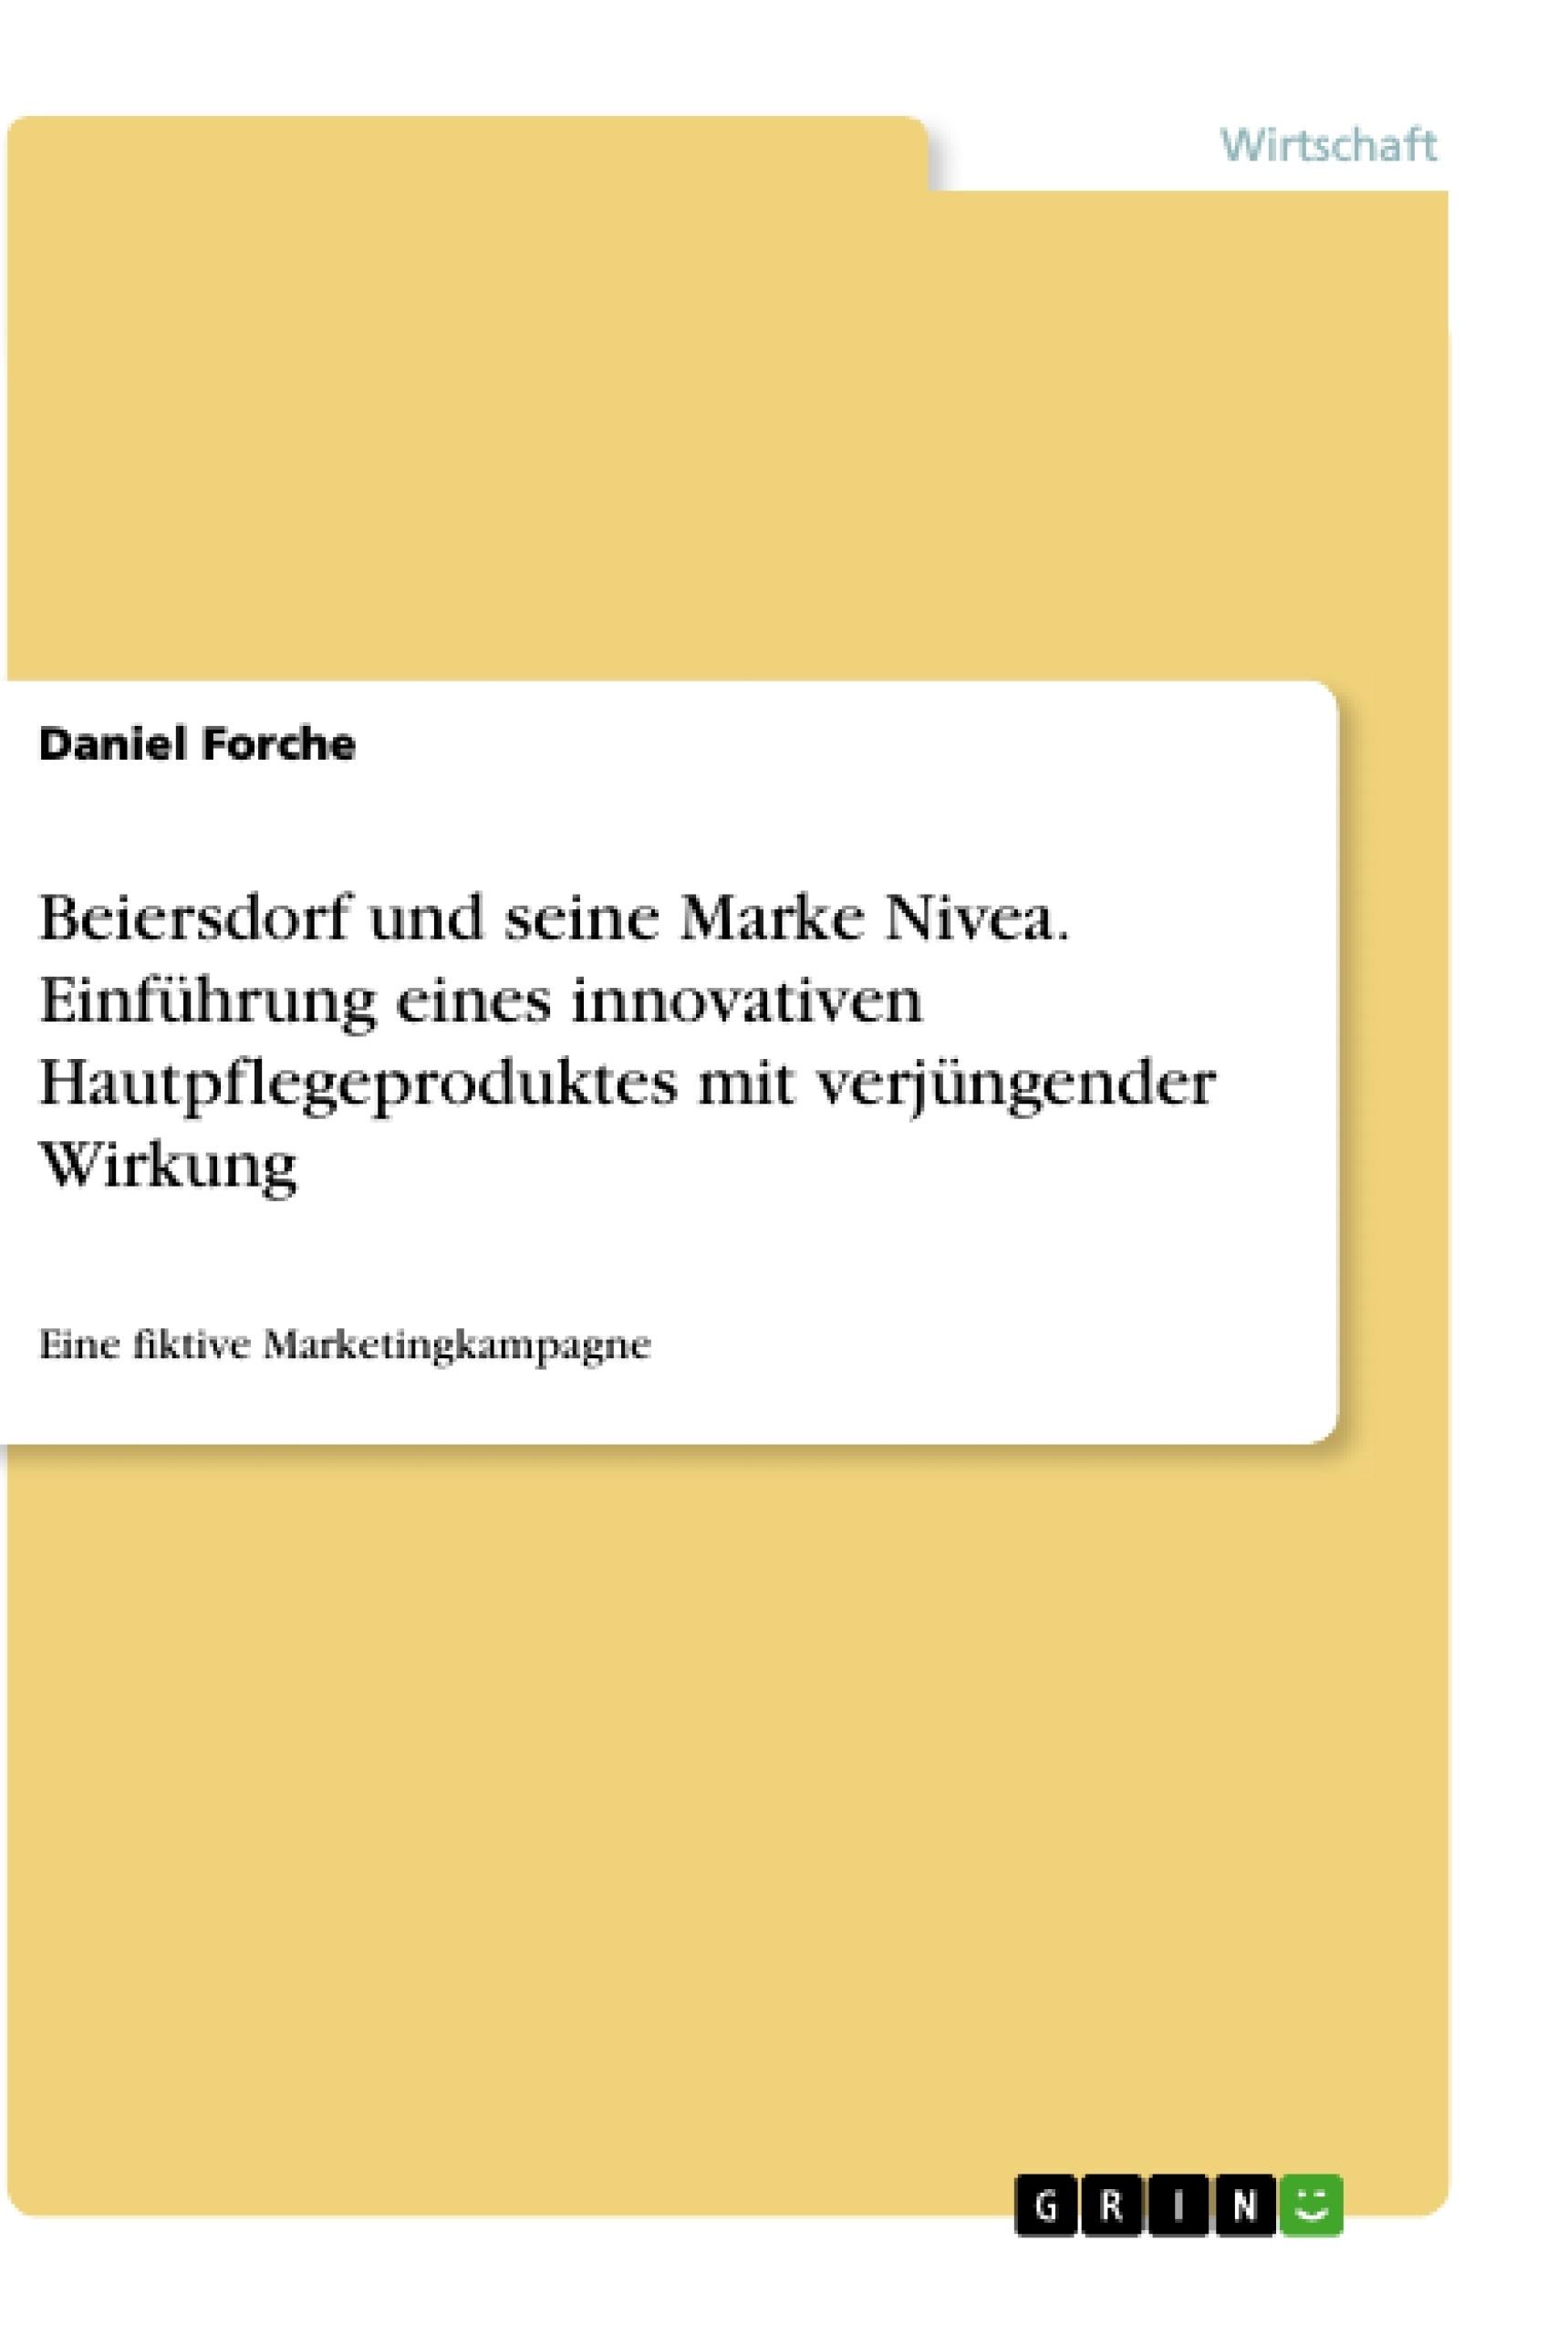 Titel: Beiersdorf und seine Marke Nivea. Einführung eines innovativen Hautpflegeproduktes mit verjüngender Wirkung